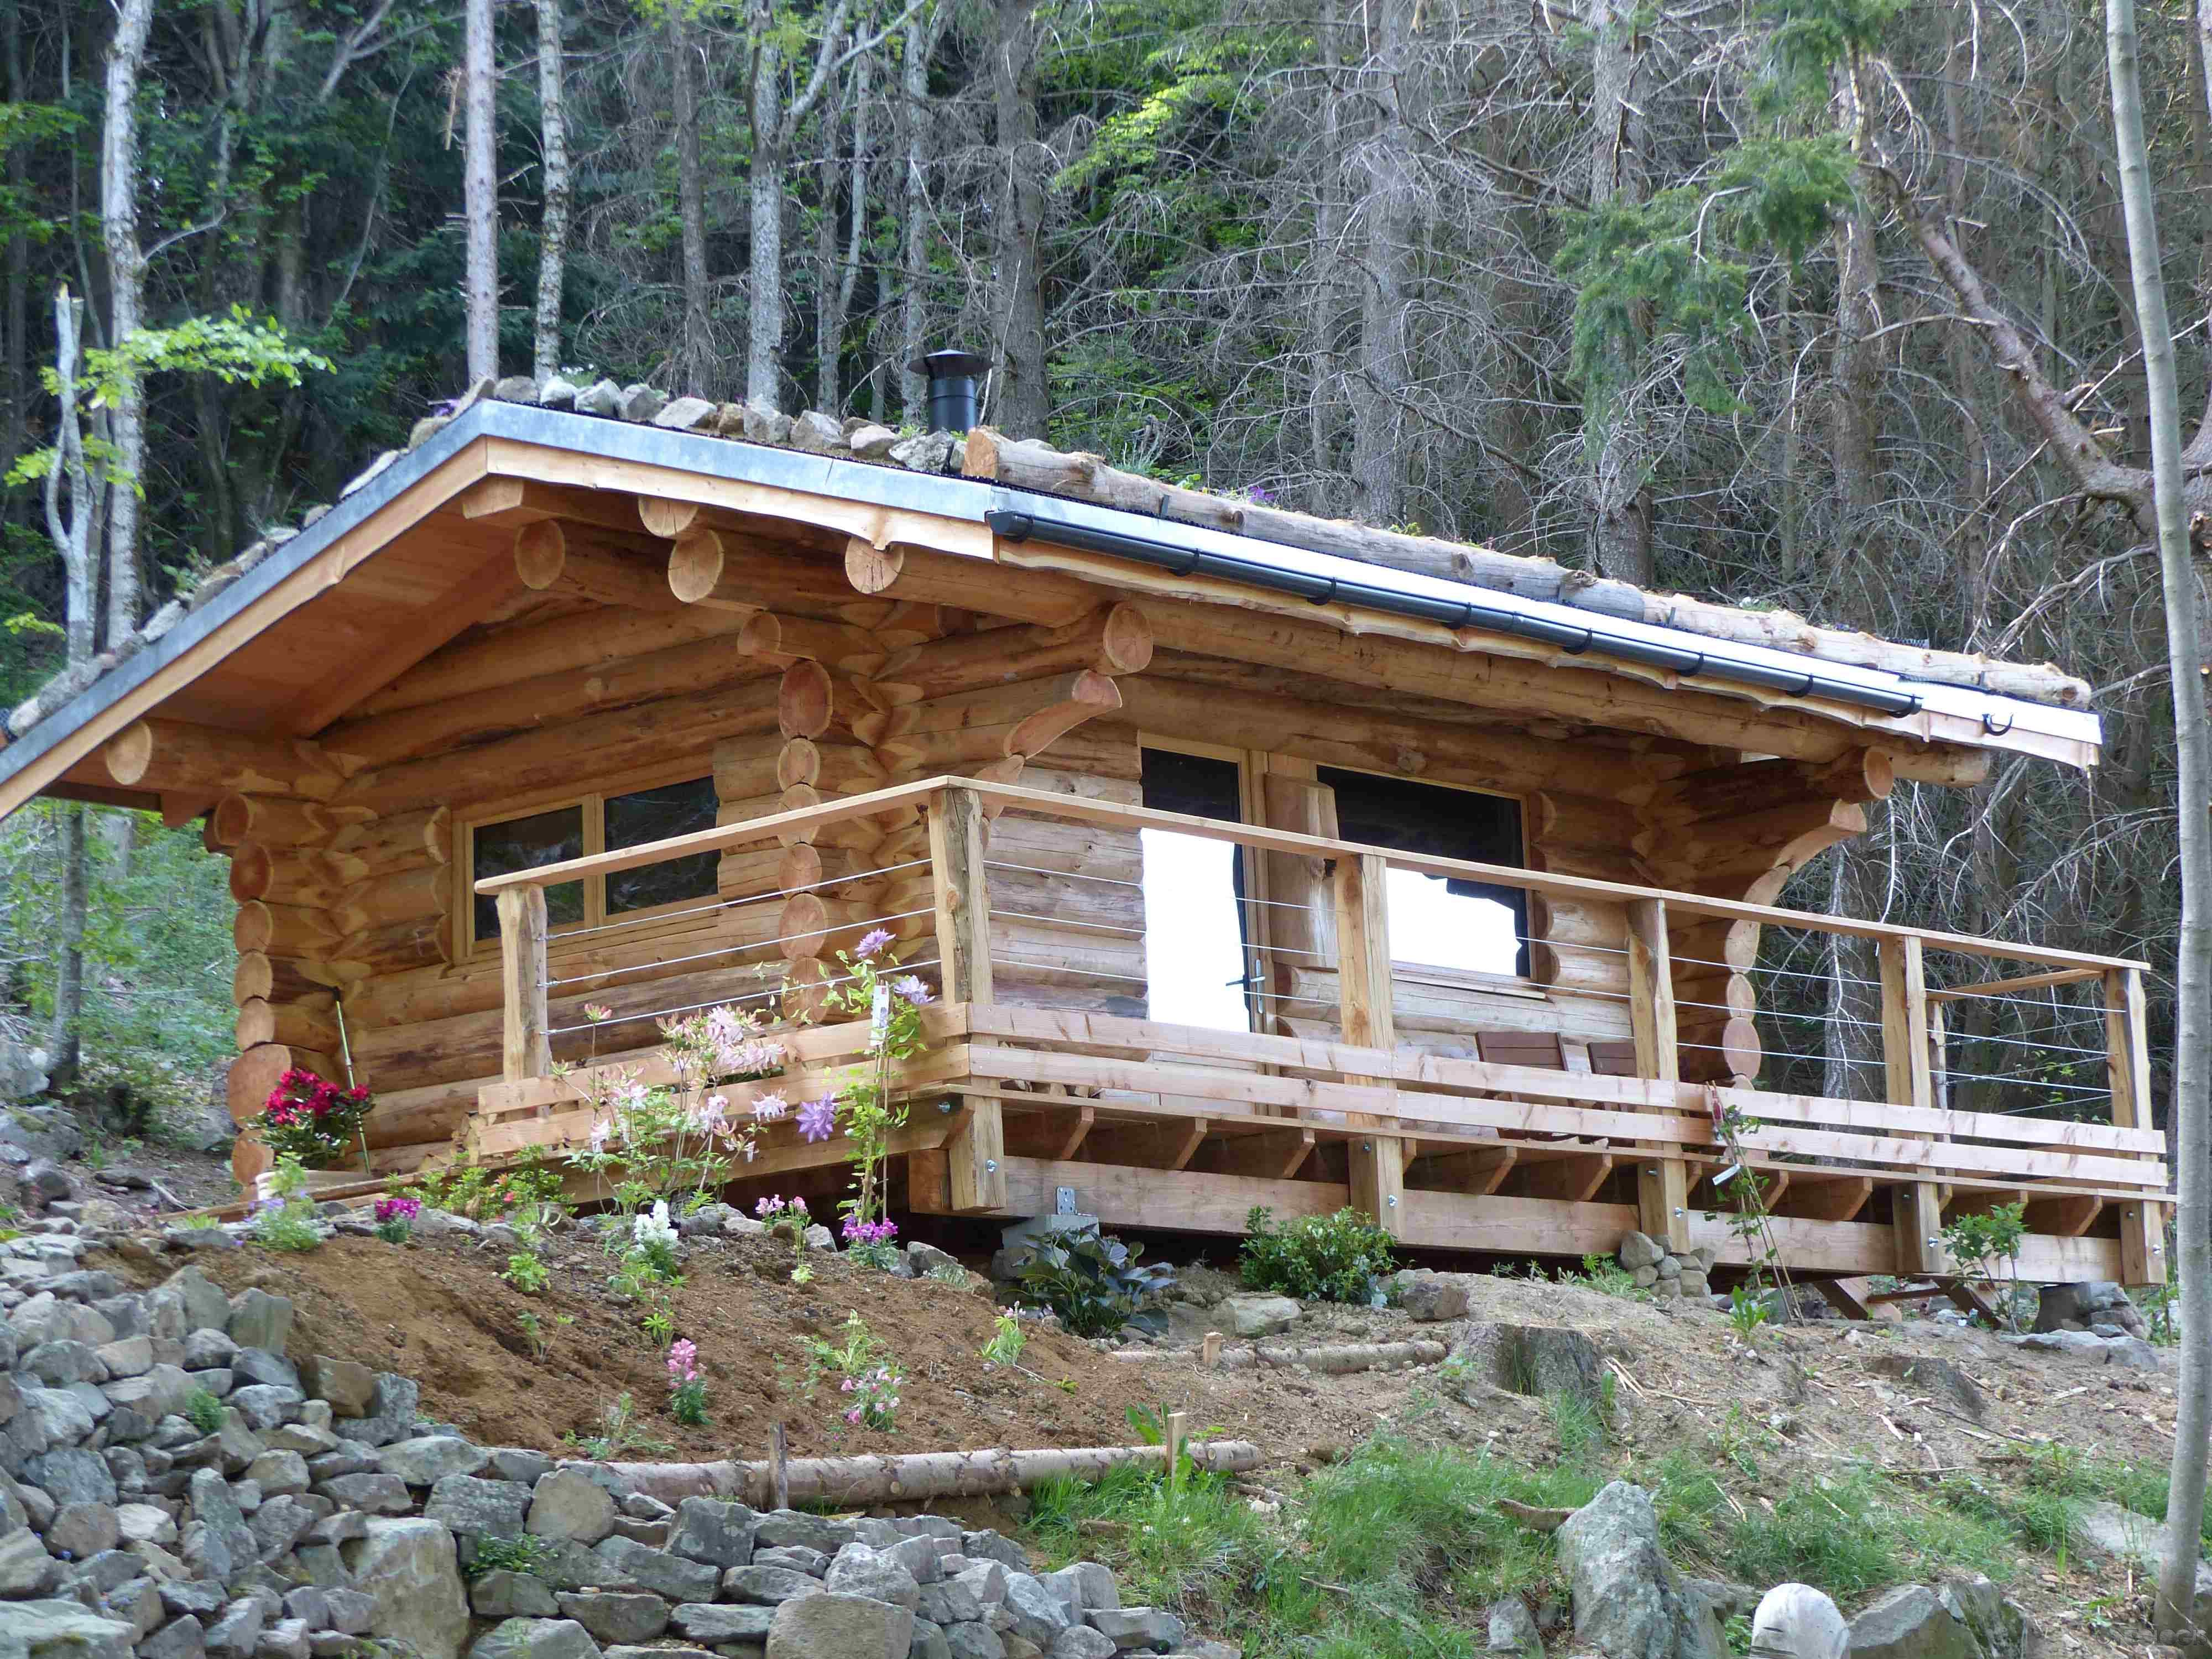 Maison rondins bois auvergne ventana blog for Constructeur chalet prix